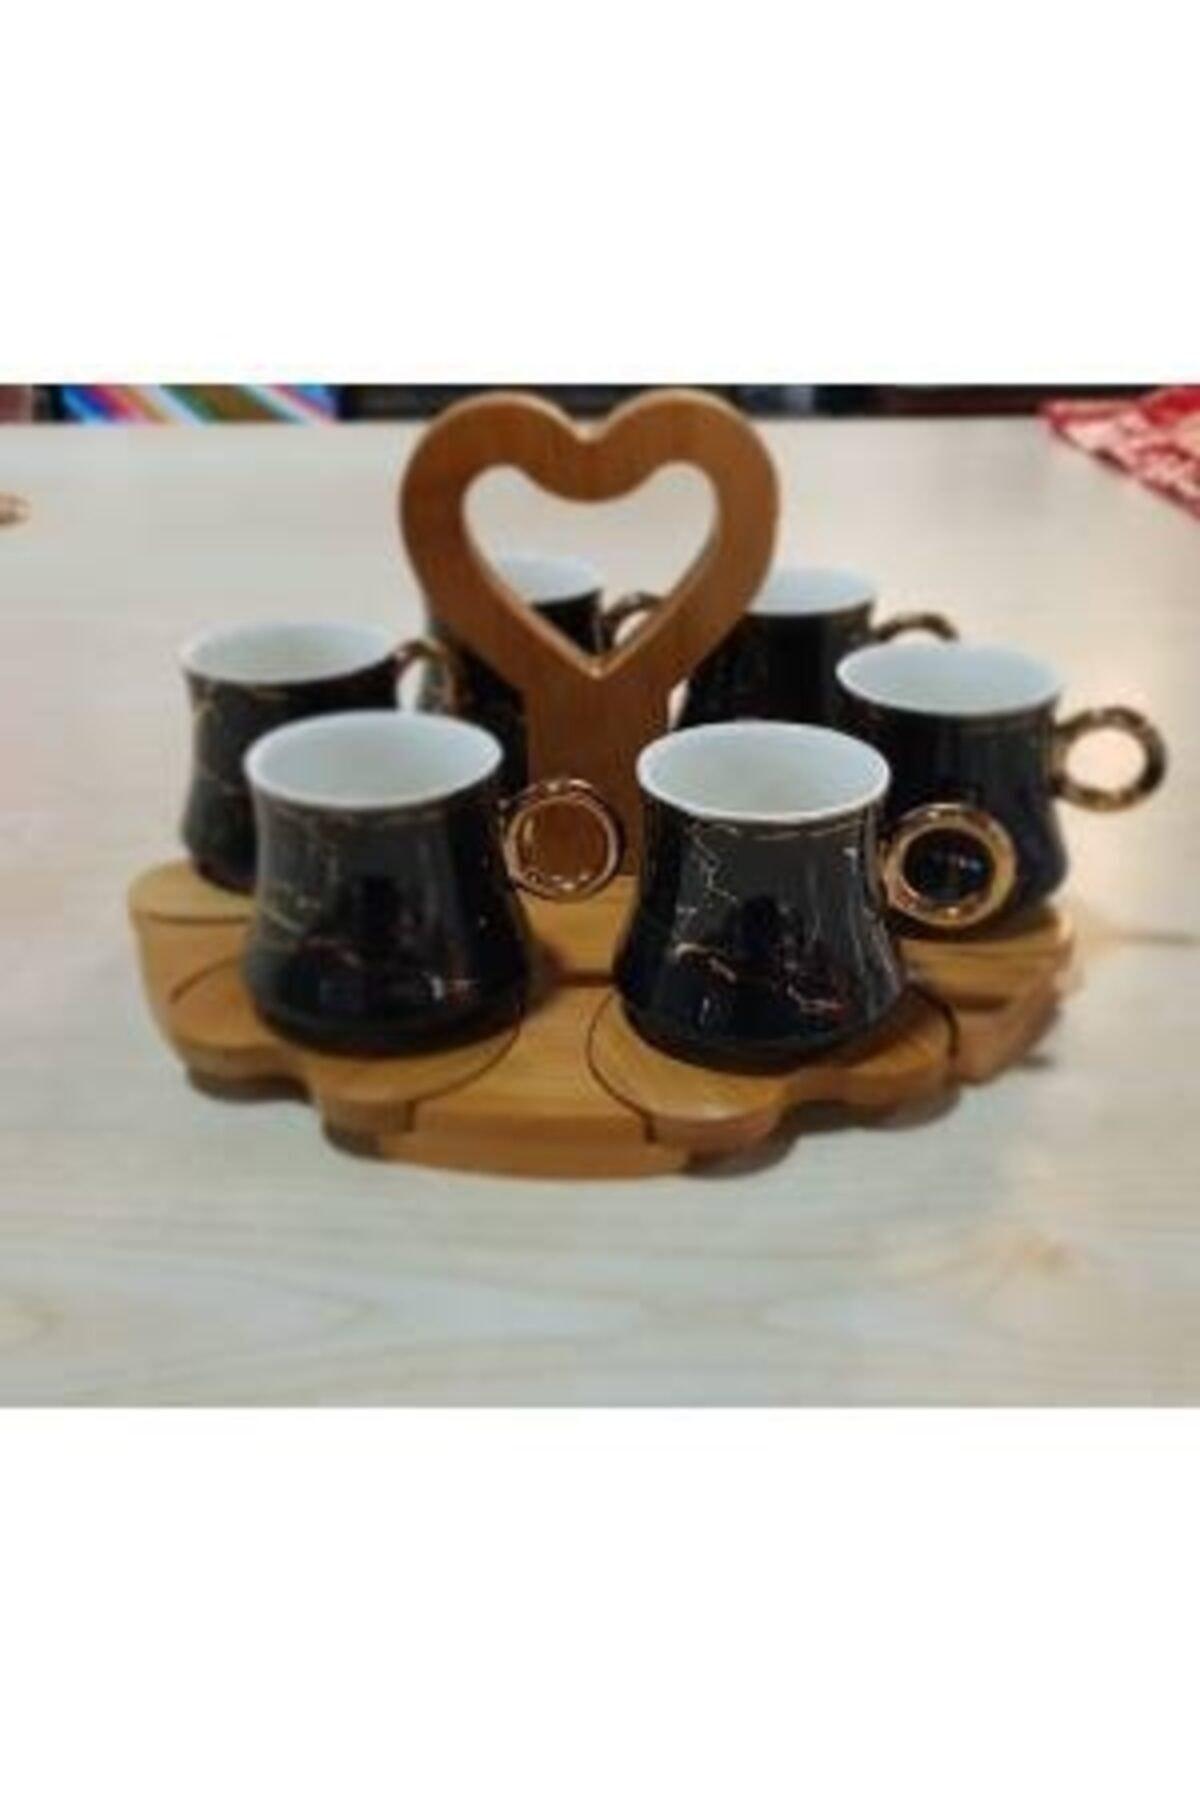 Paçi Bambu Tepsili Tutmalı Siyah Mermer Desen Türk Kahvesi Fincan Takımı Fincan Seti Siyah 1